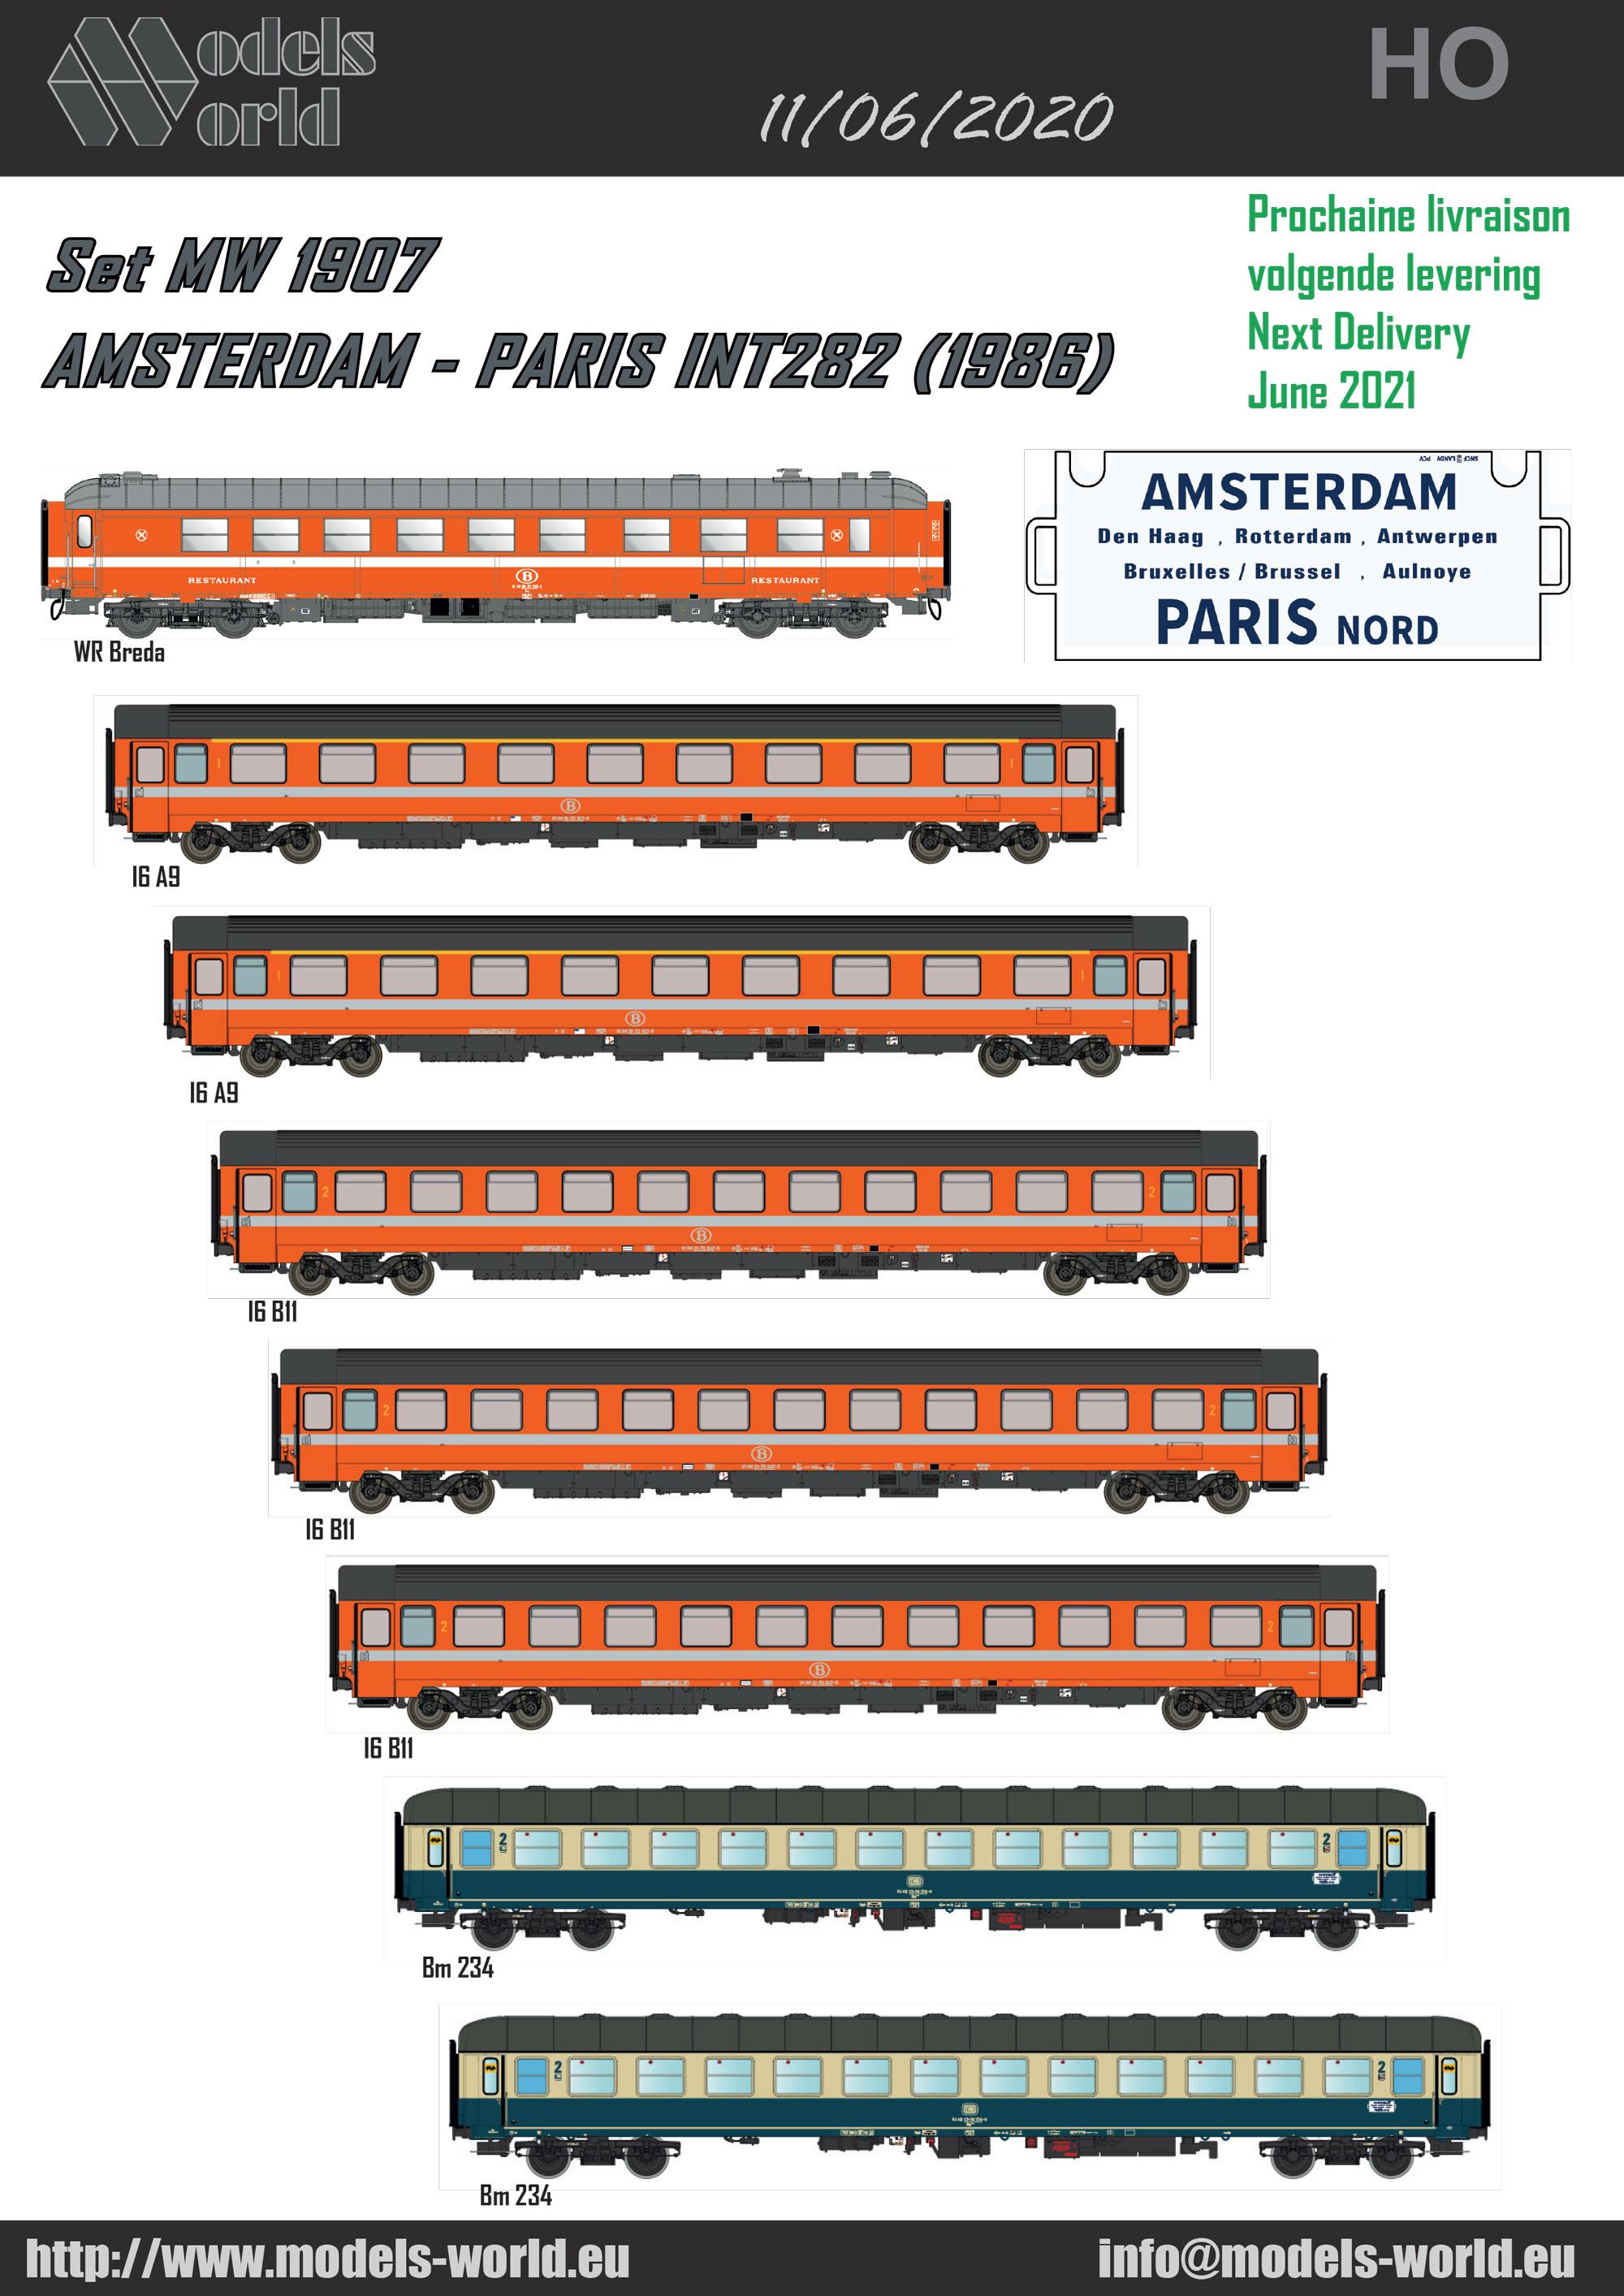 LS Models - INT 282: Amsterdam - Paris Nord (1986)